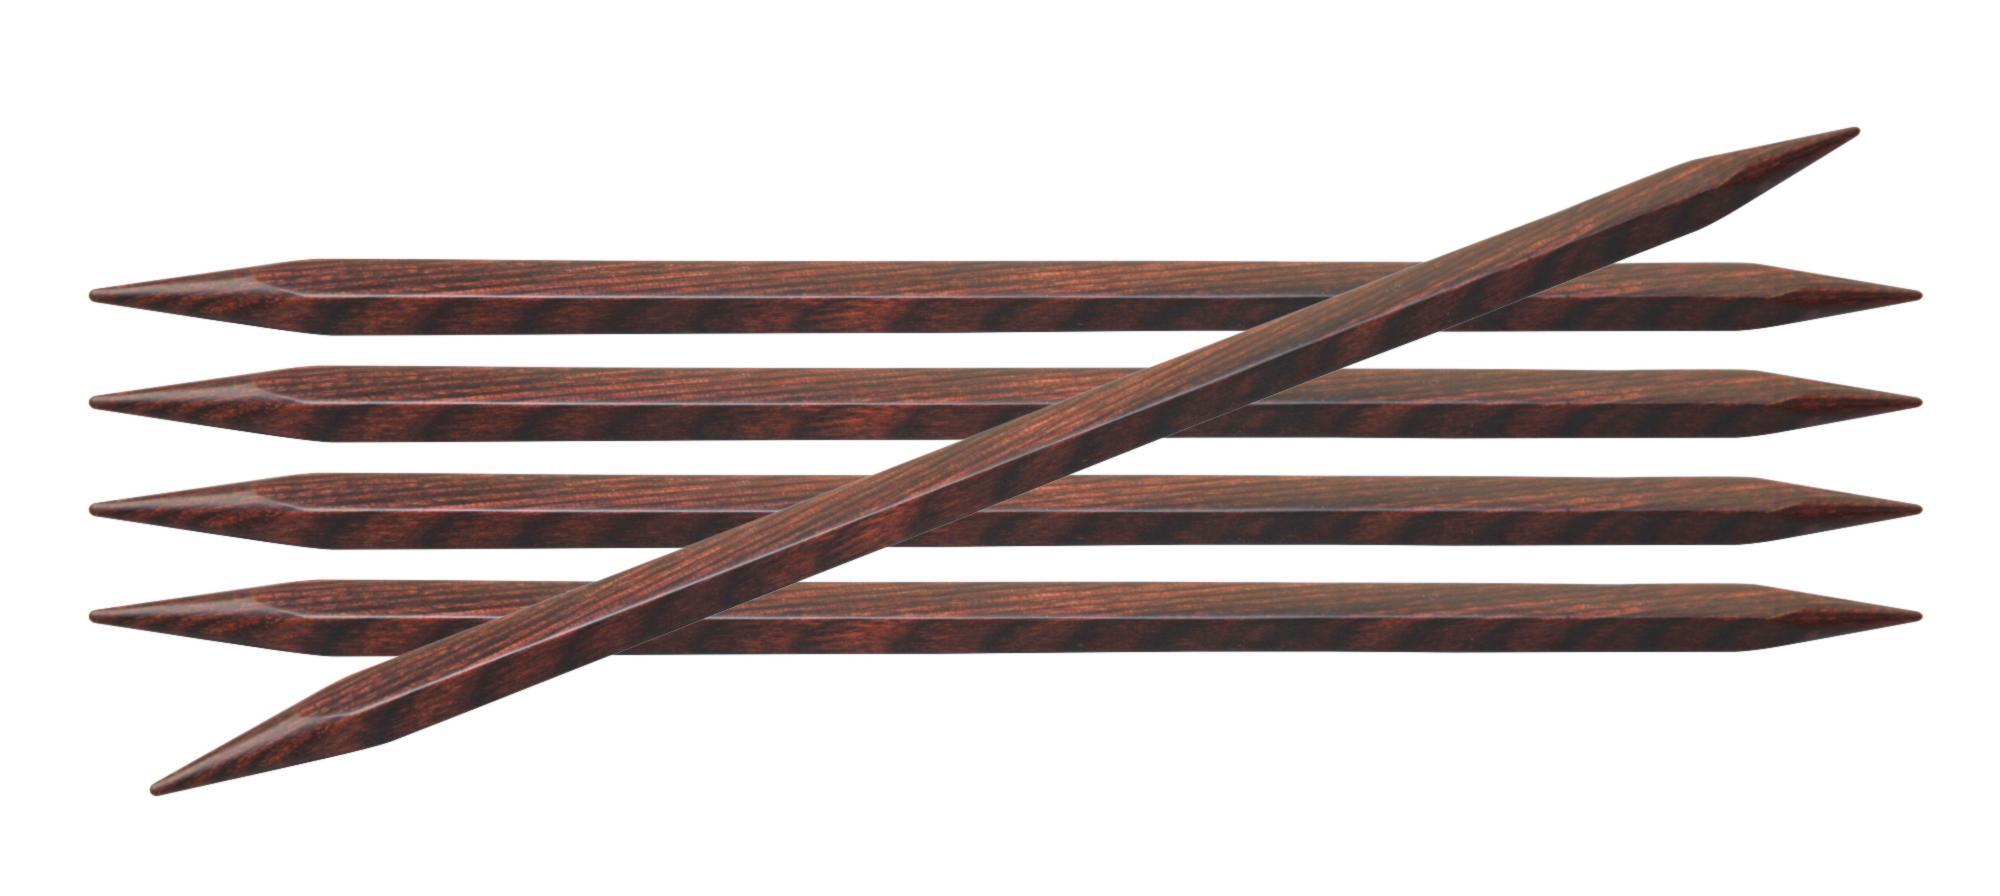 Спицы носочные 20 см Cubics Symfonie-Rose KnitPro, 25118 7.00 мм